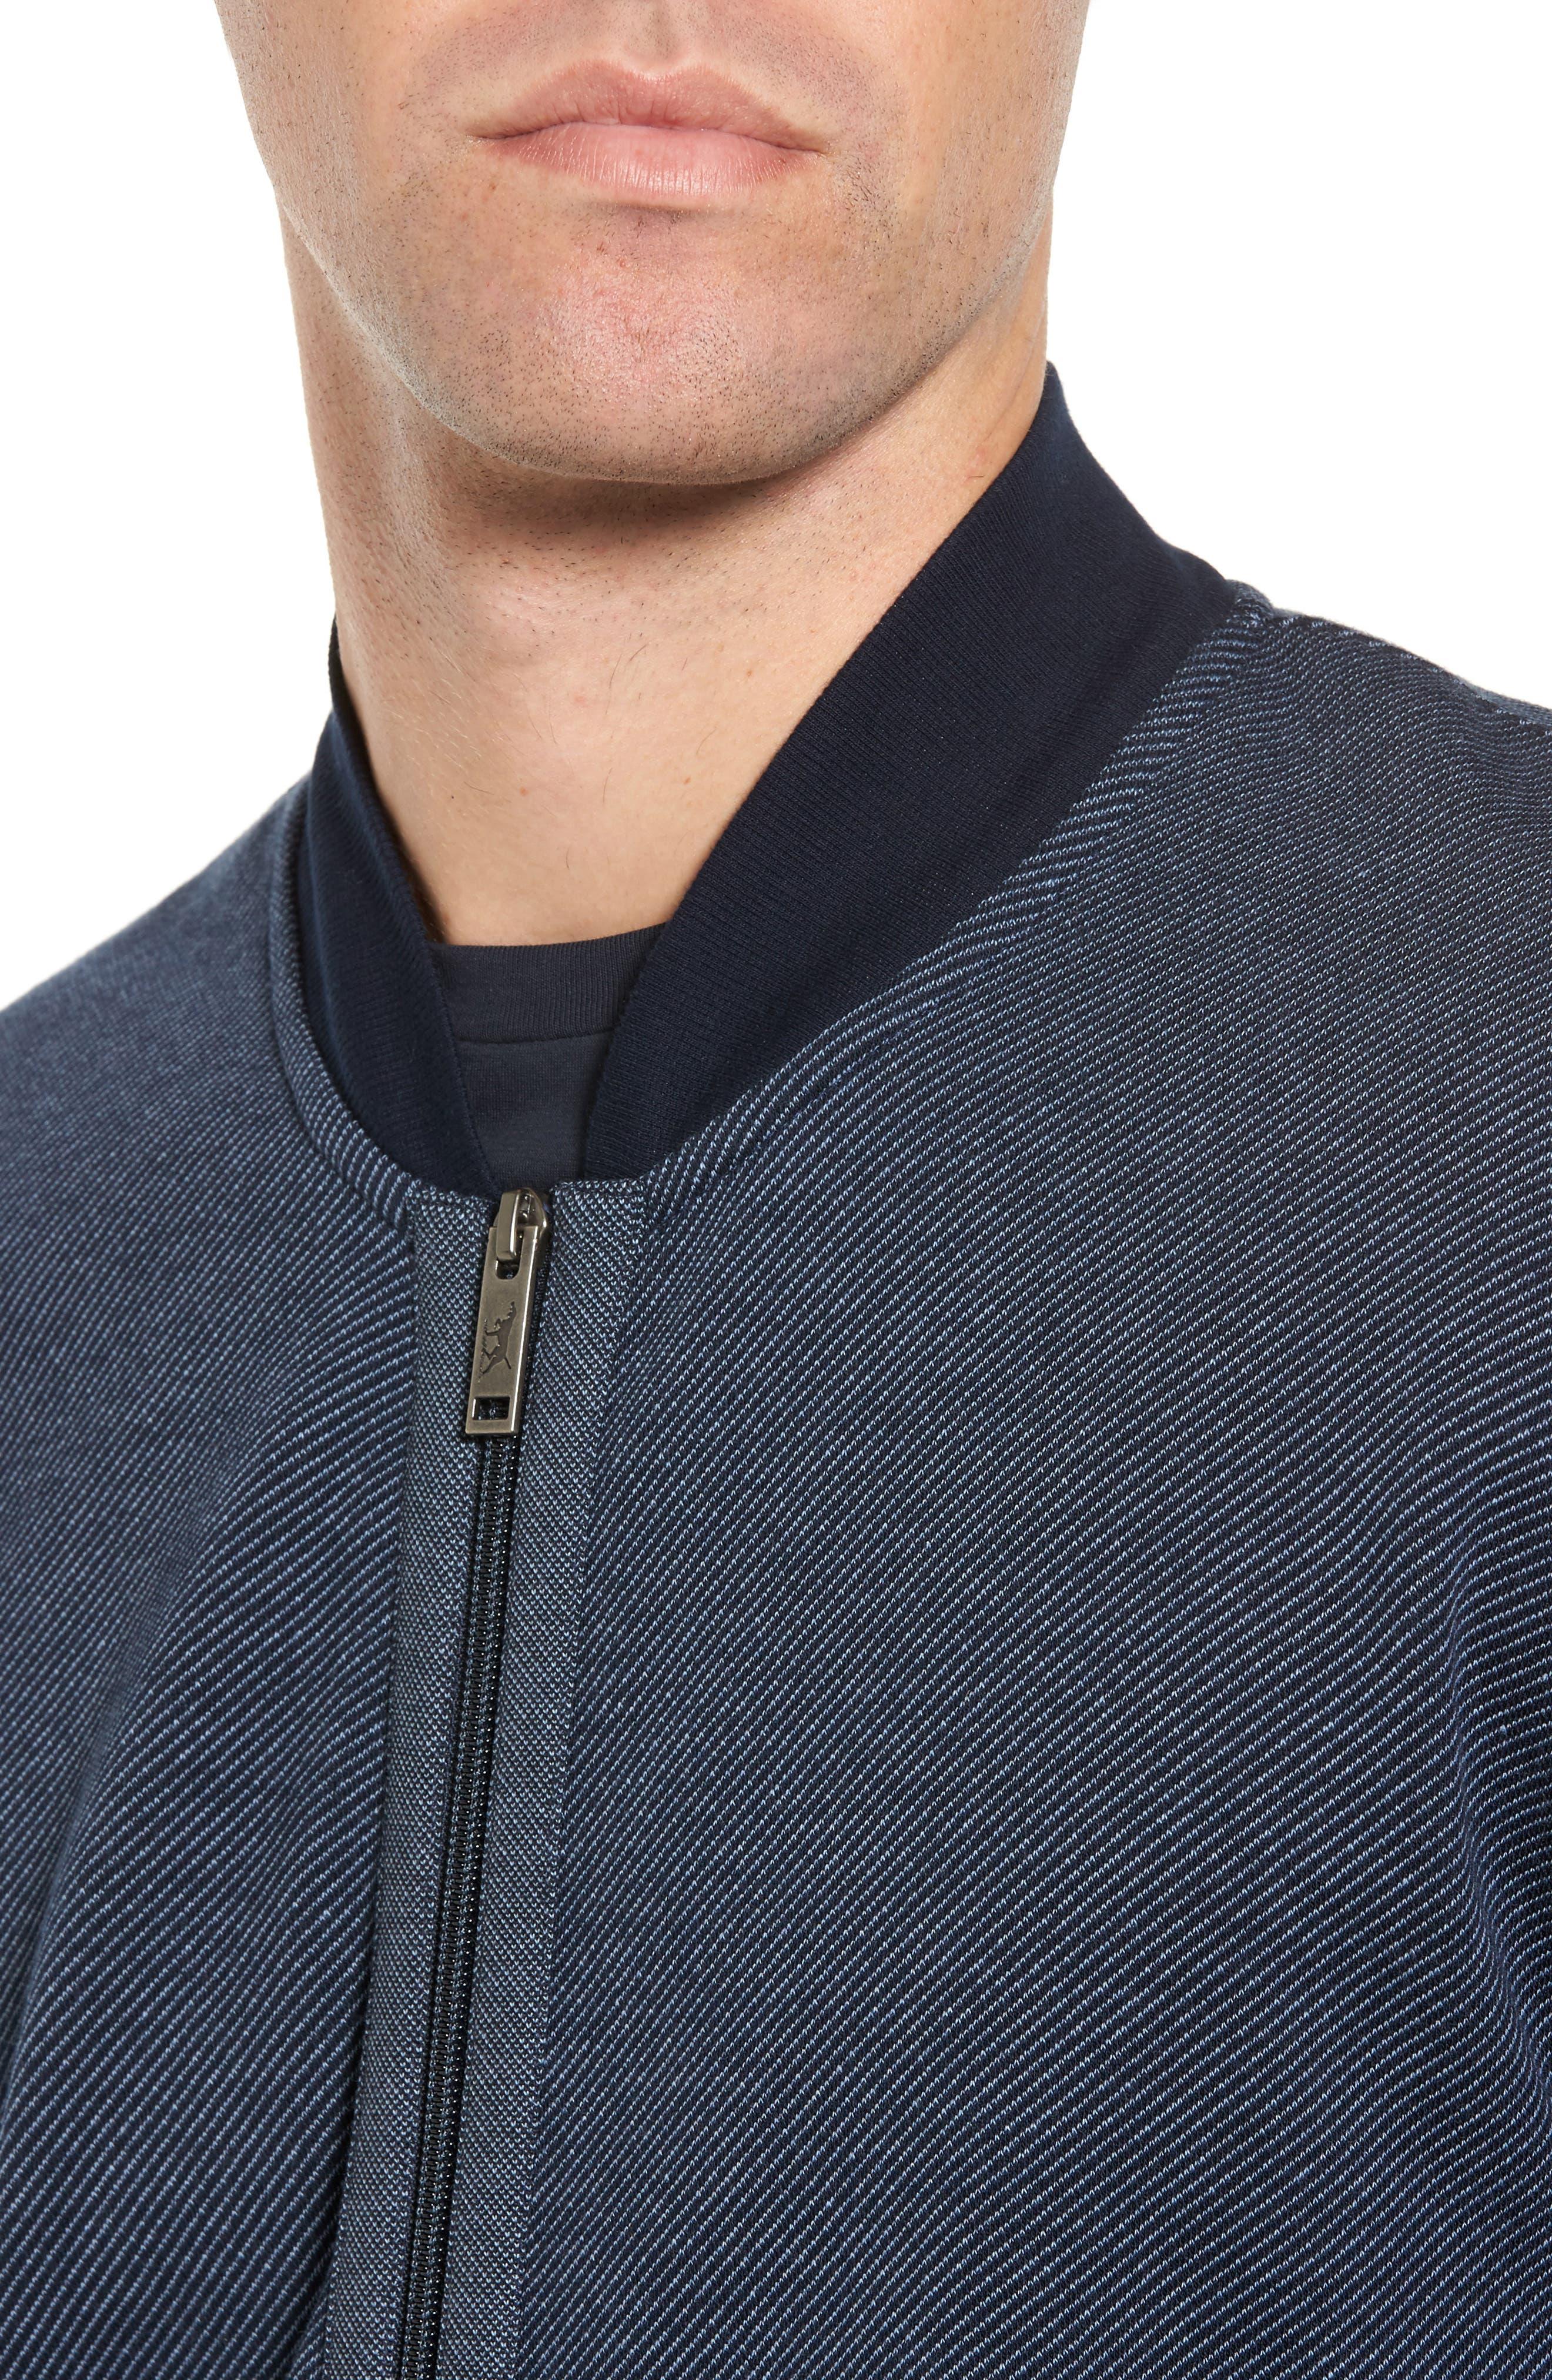 Alternate Image 4  - Rodd & Gunn Alderson Ave Fleece Jacket